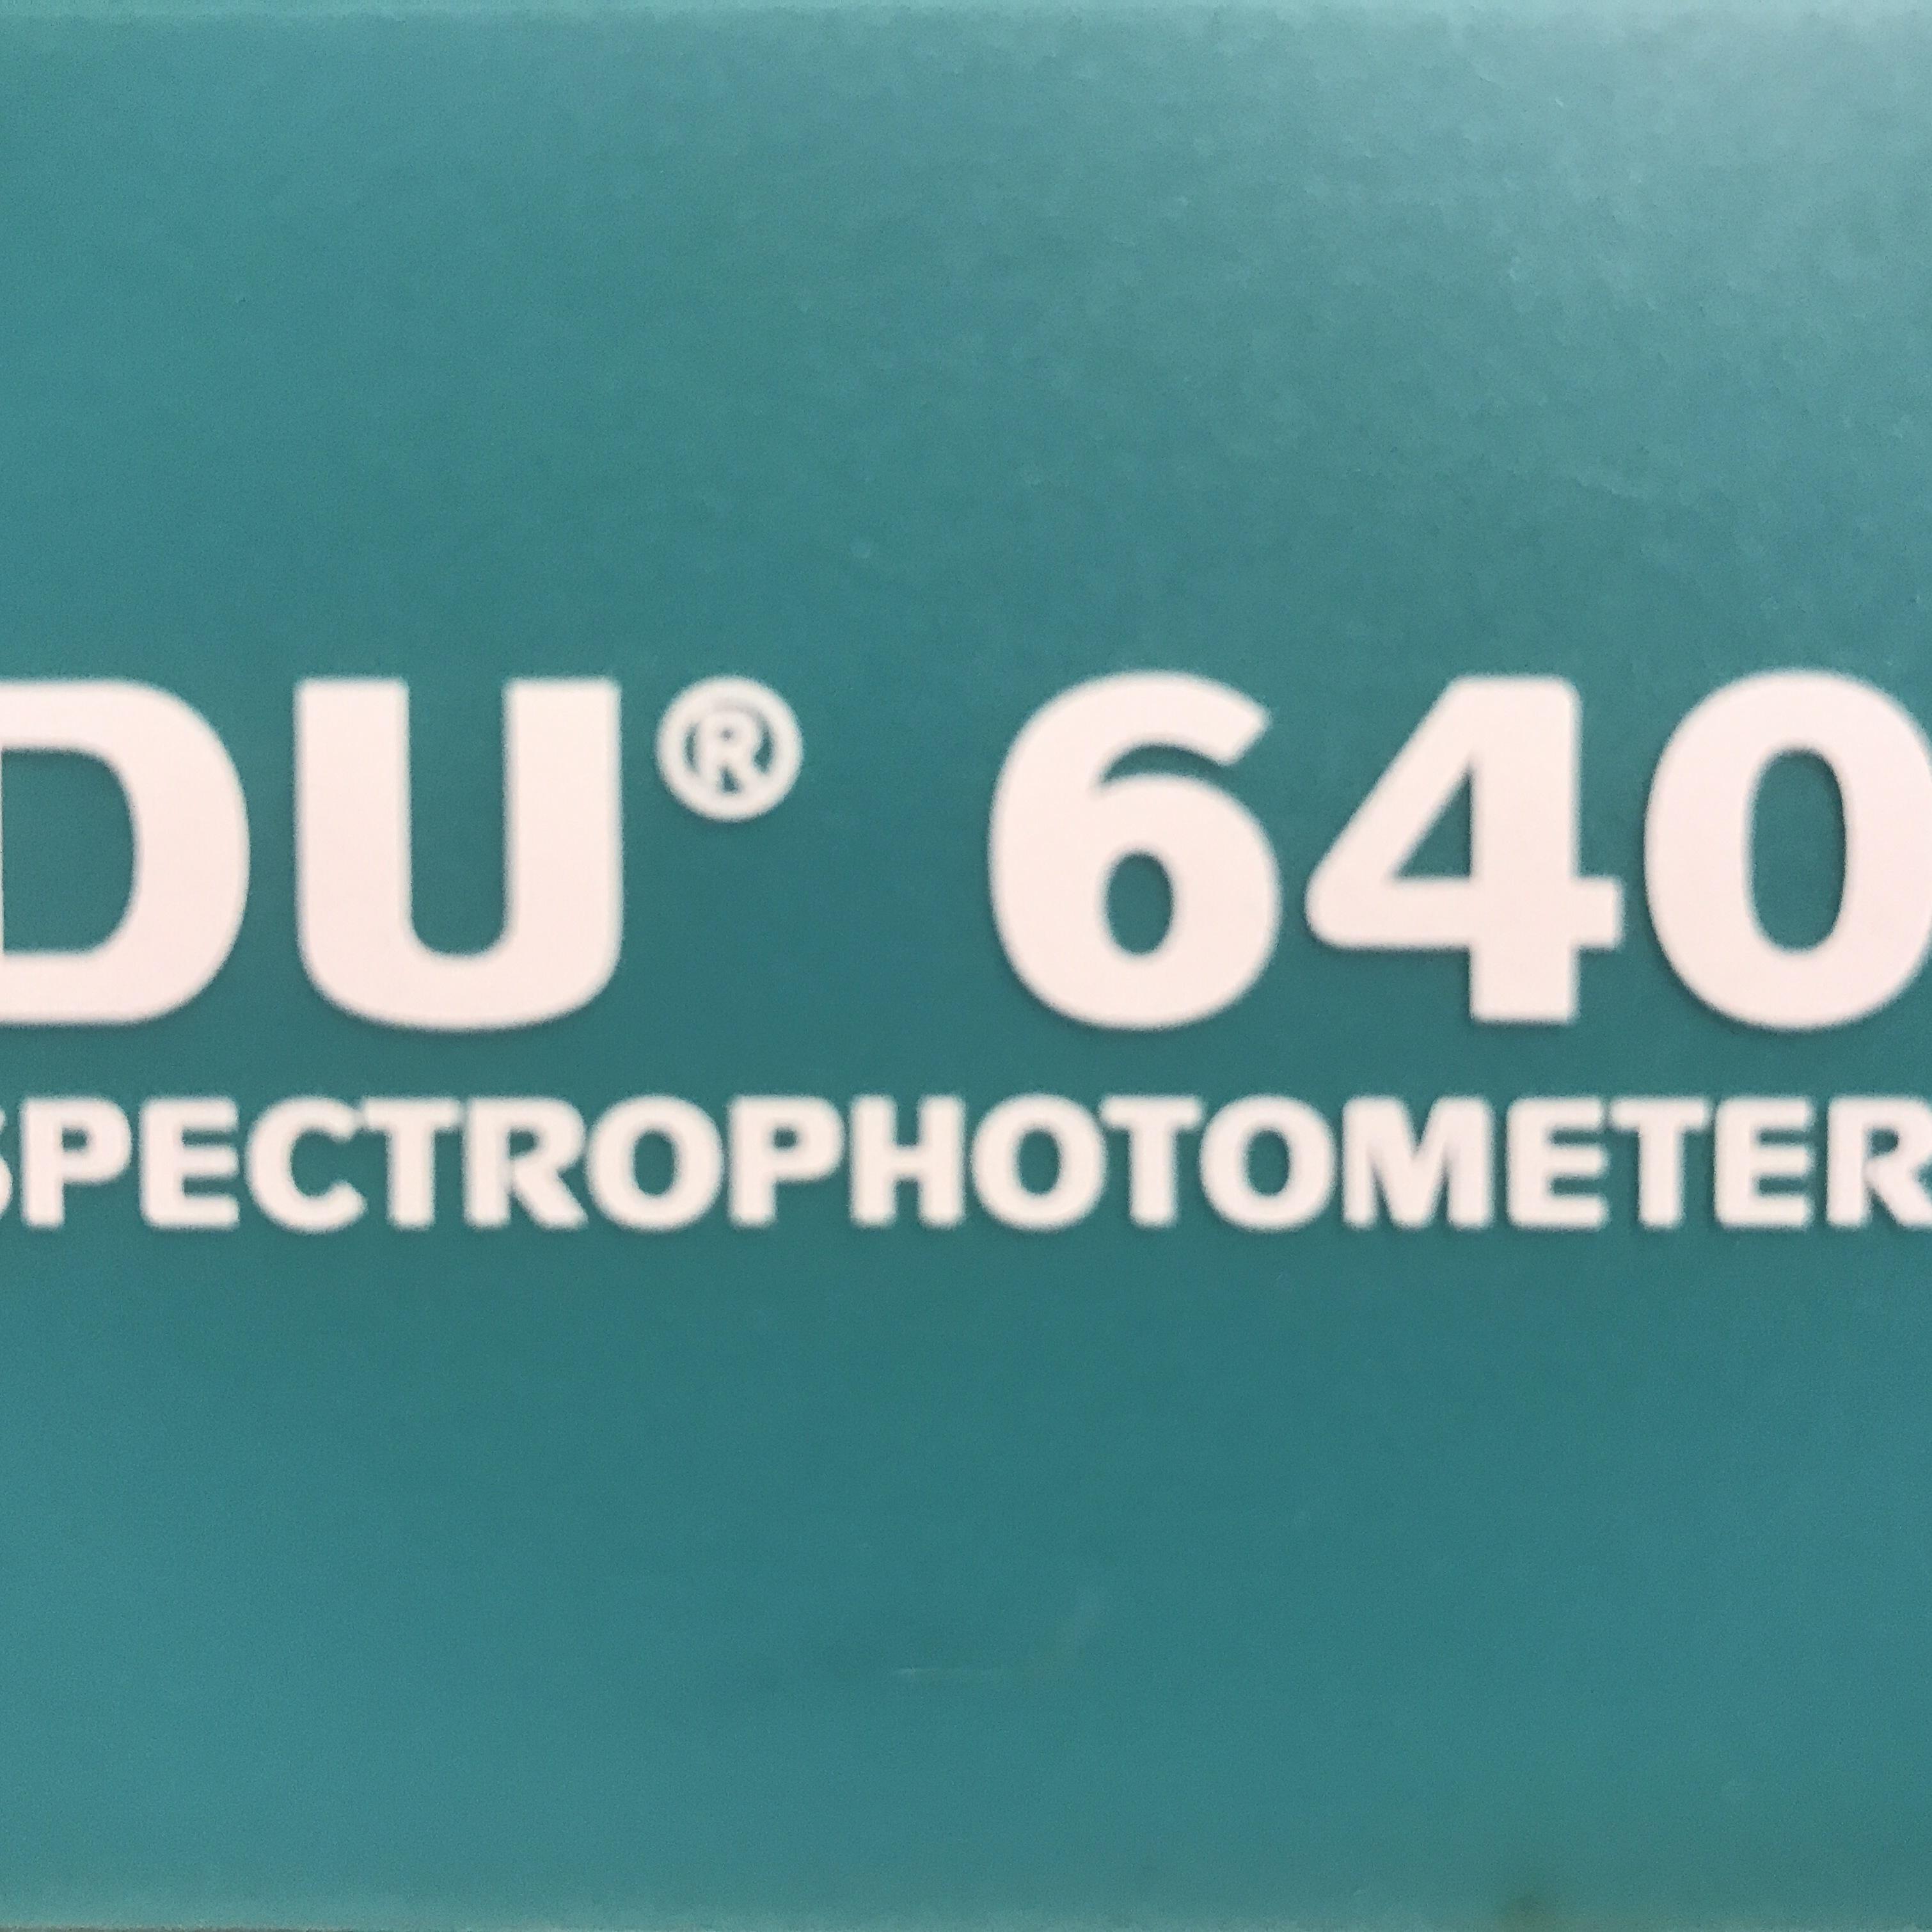 Beckman Coulter DU 640 Spectrophotometer Image